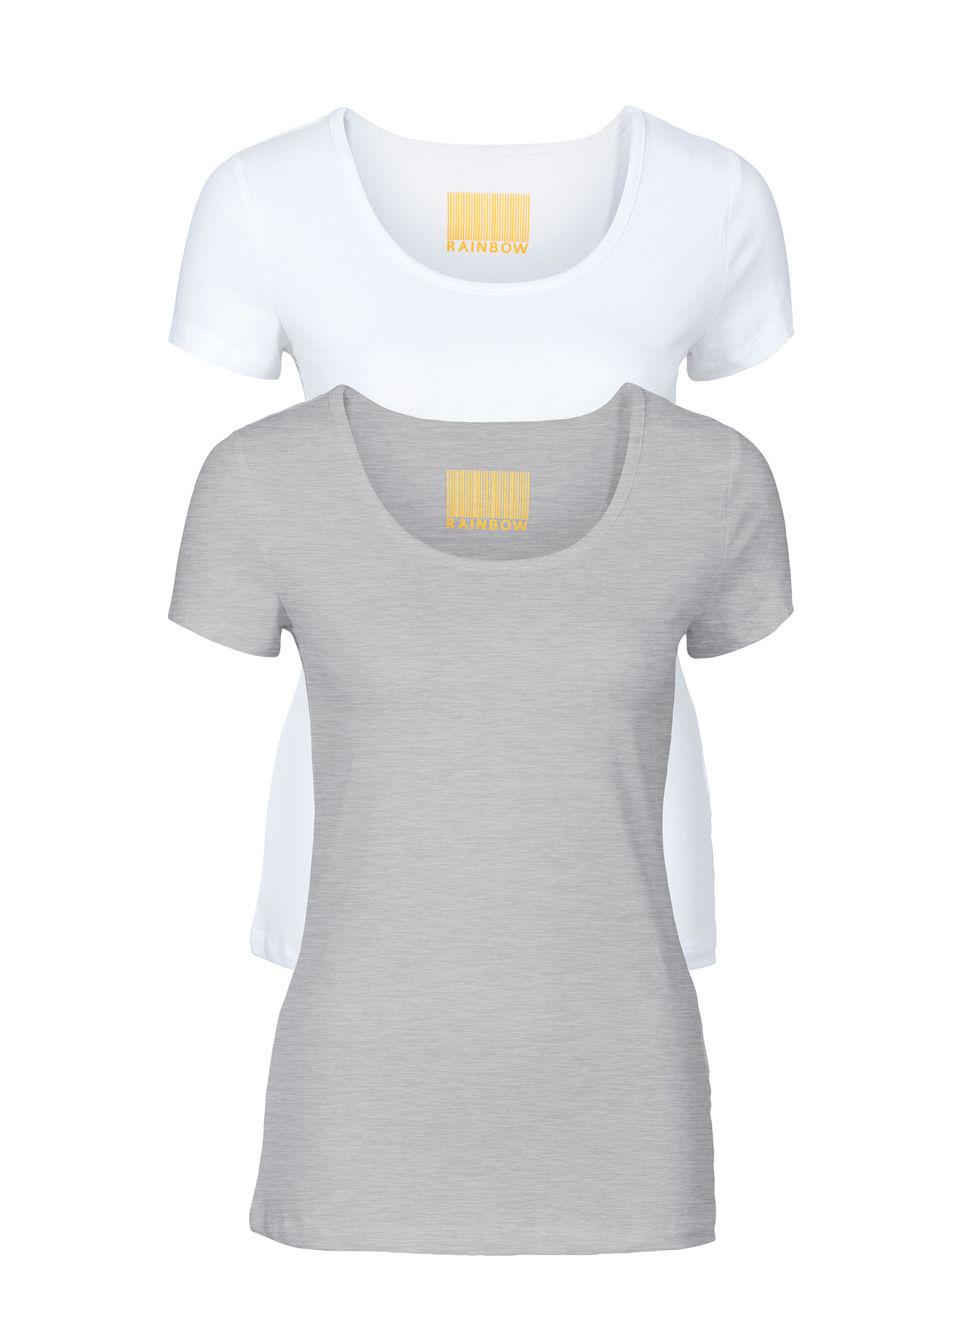 2597d5c11 Dámske tričko 2ks, okrúhly výstrih bonprix E-shop >>